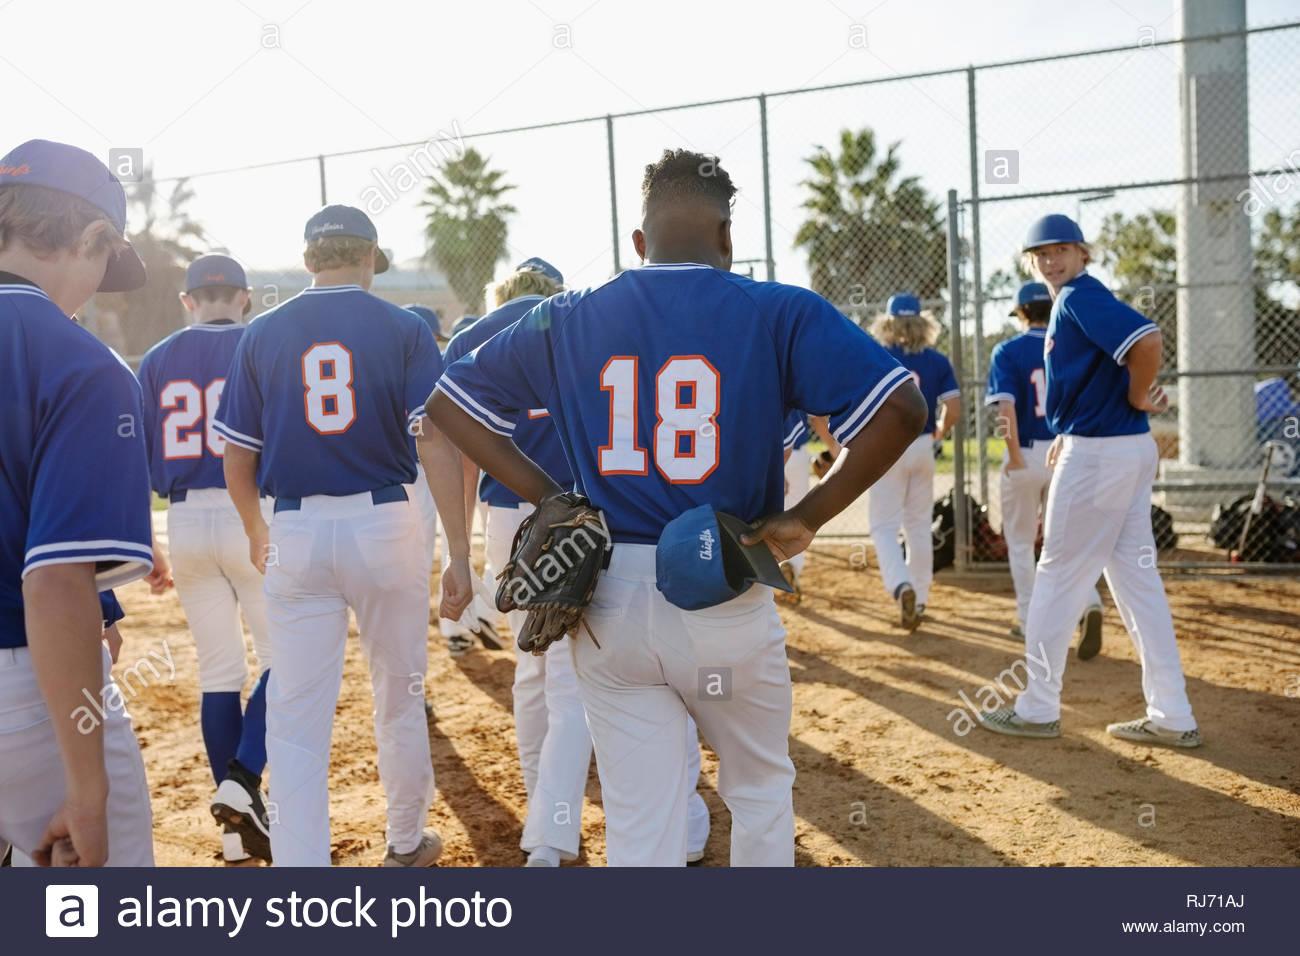 Squadra di baseball a piedi fuori campo Immagini Stock